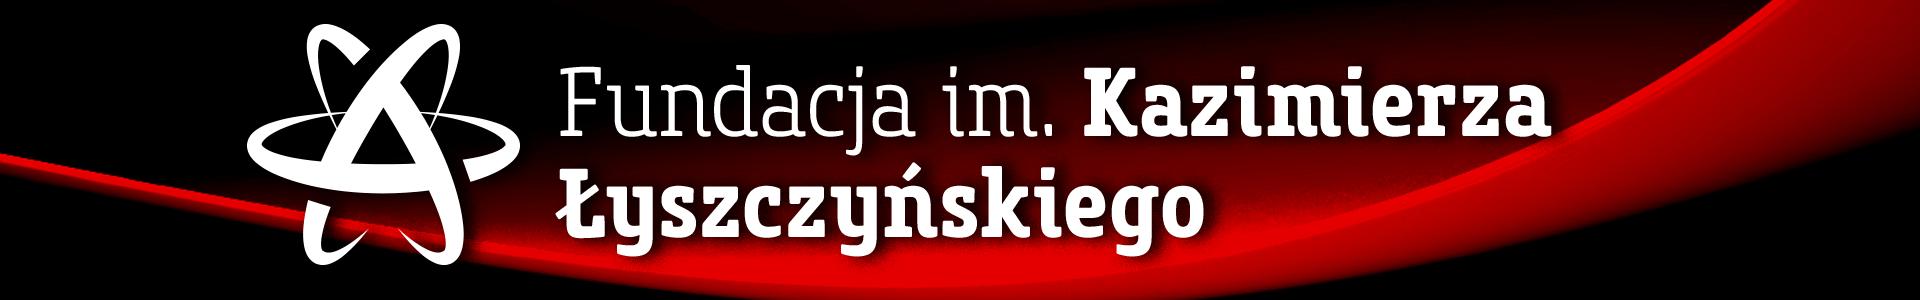 Fundacja im. Kazimierza Łyszczyńskiego – Ateizm, Racjonalizm, Świeckość. Organizacja promująca ateizm, humanizm, światopogląd racjonalistyczny, świeckość, rozdział kościoła i państwa, prawa człowieka.